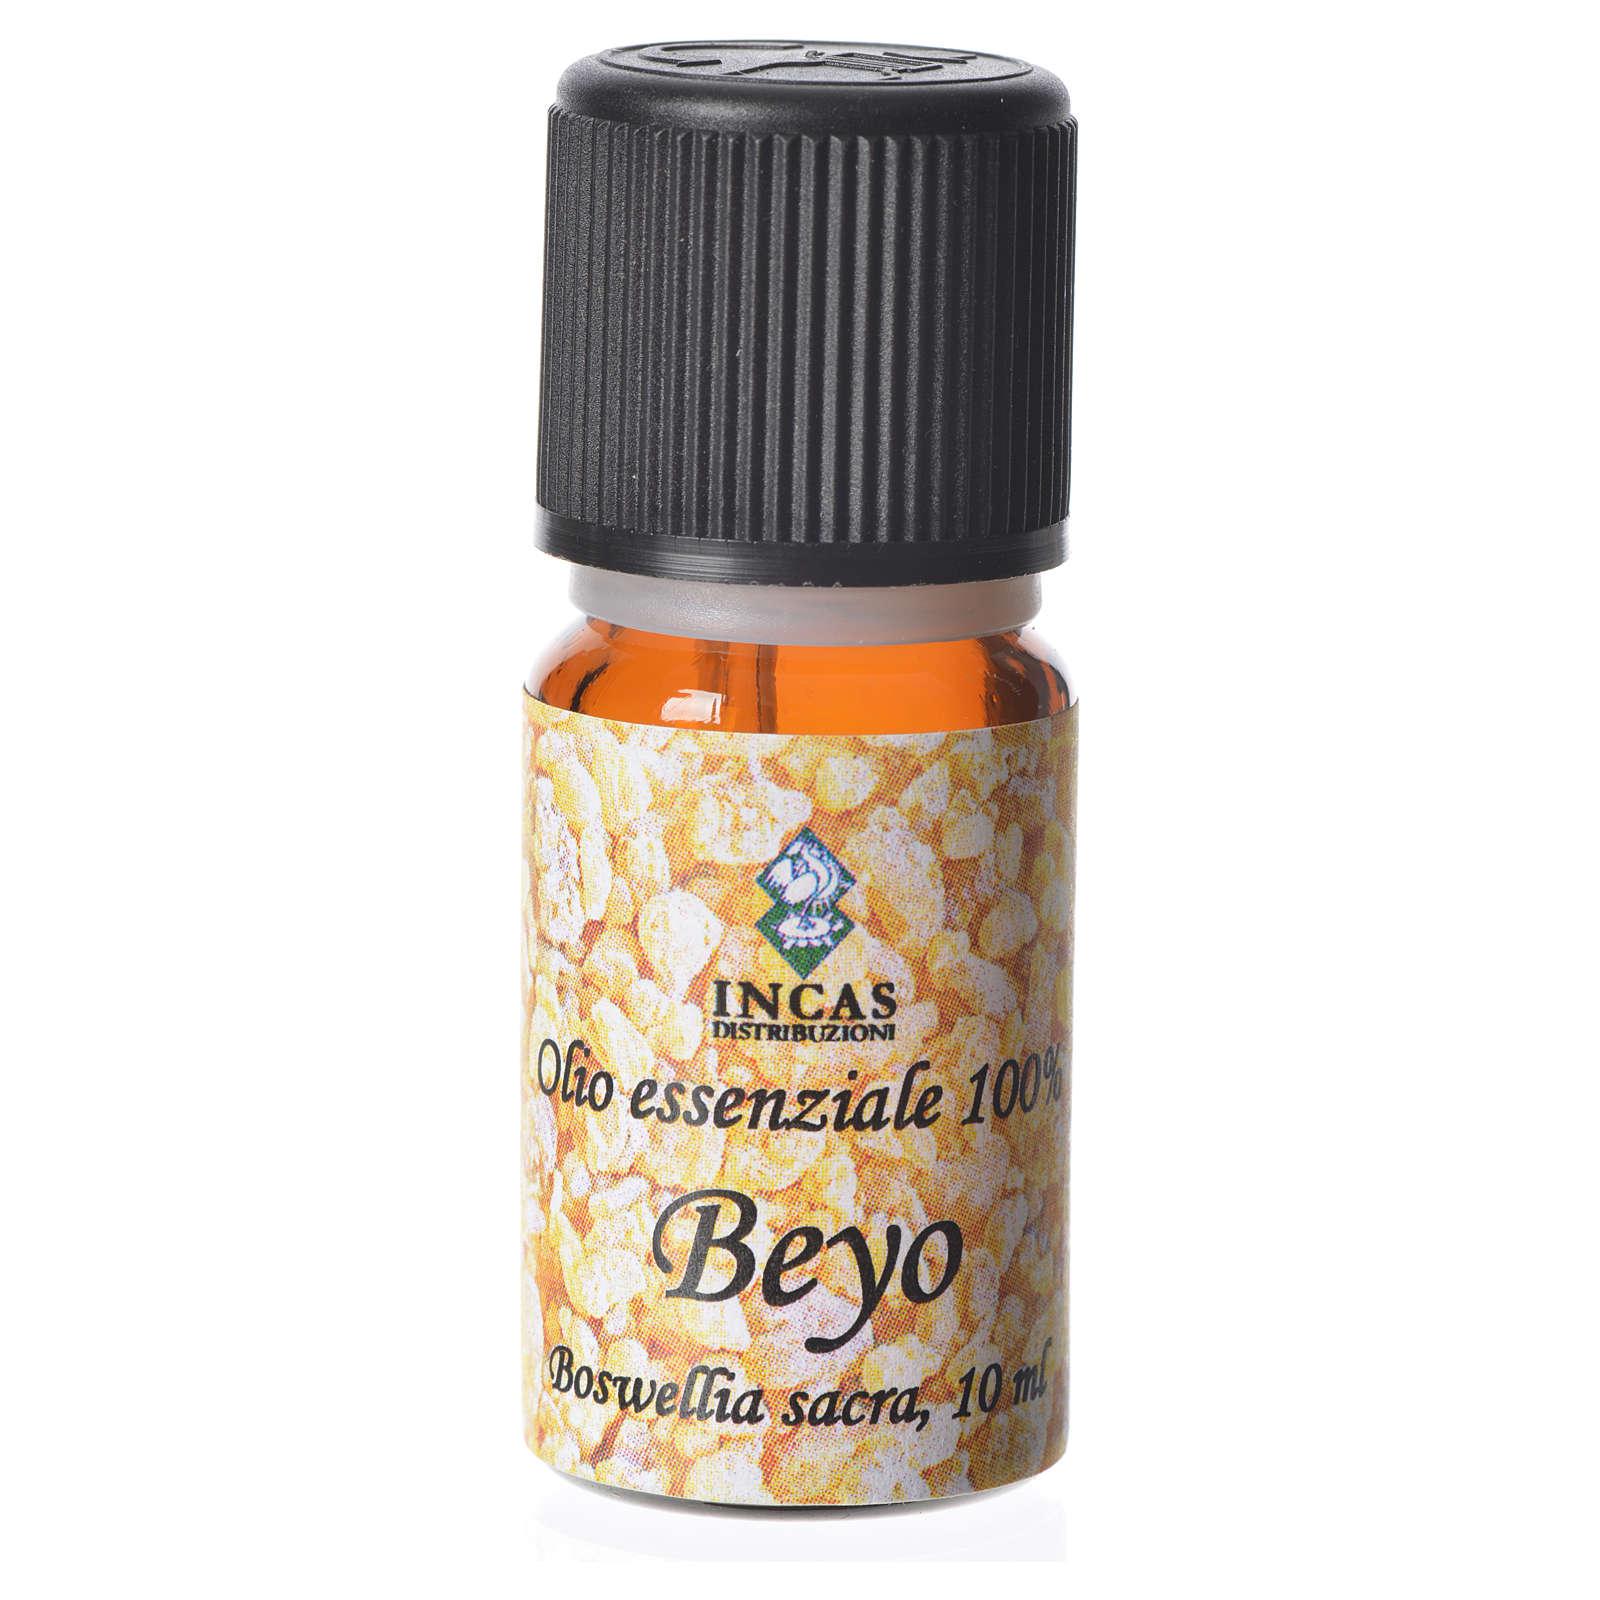 Olio essenziale puro al 100% di Beyo 3